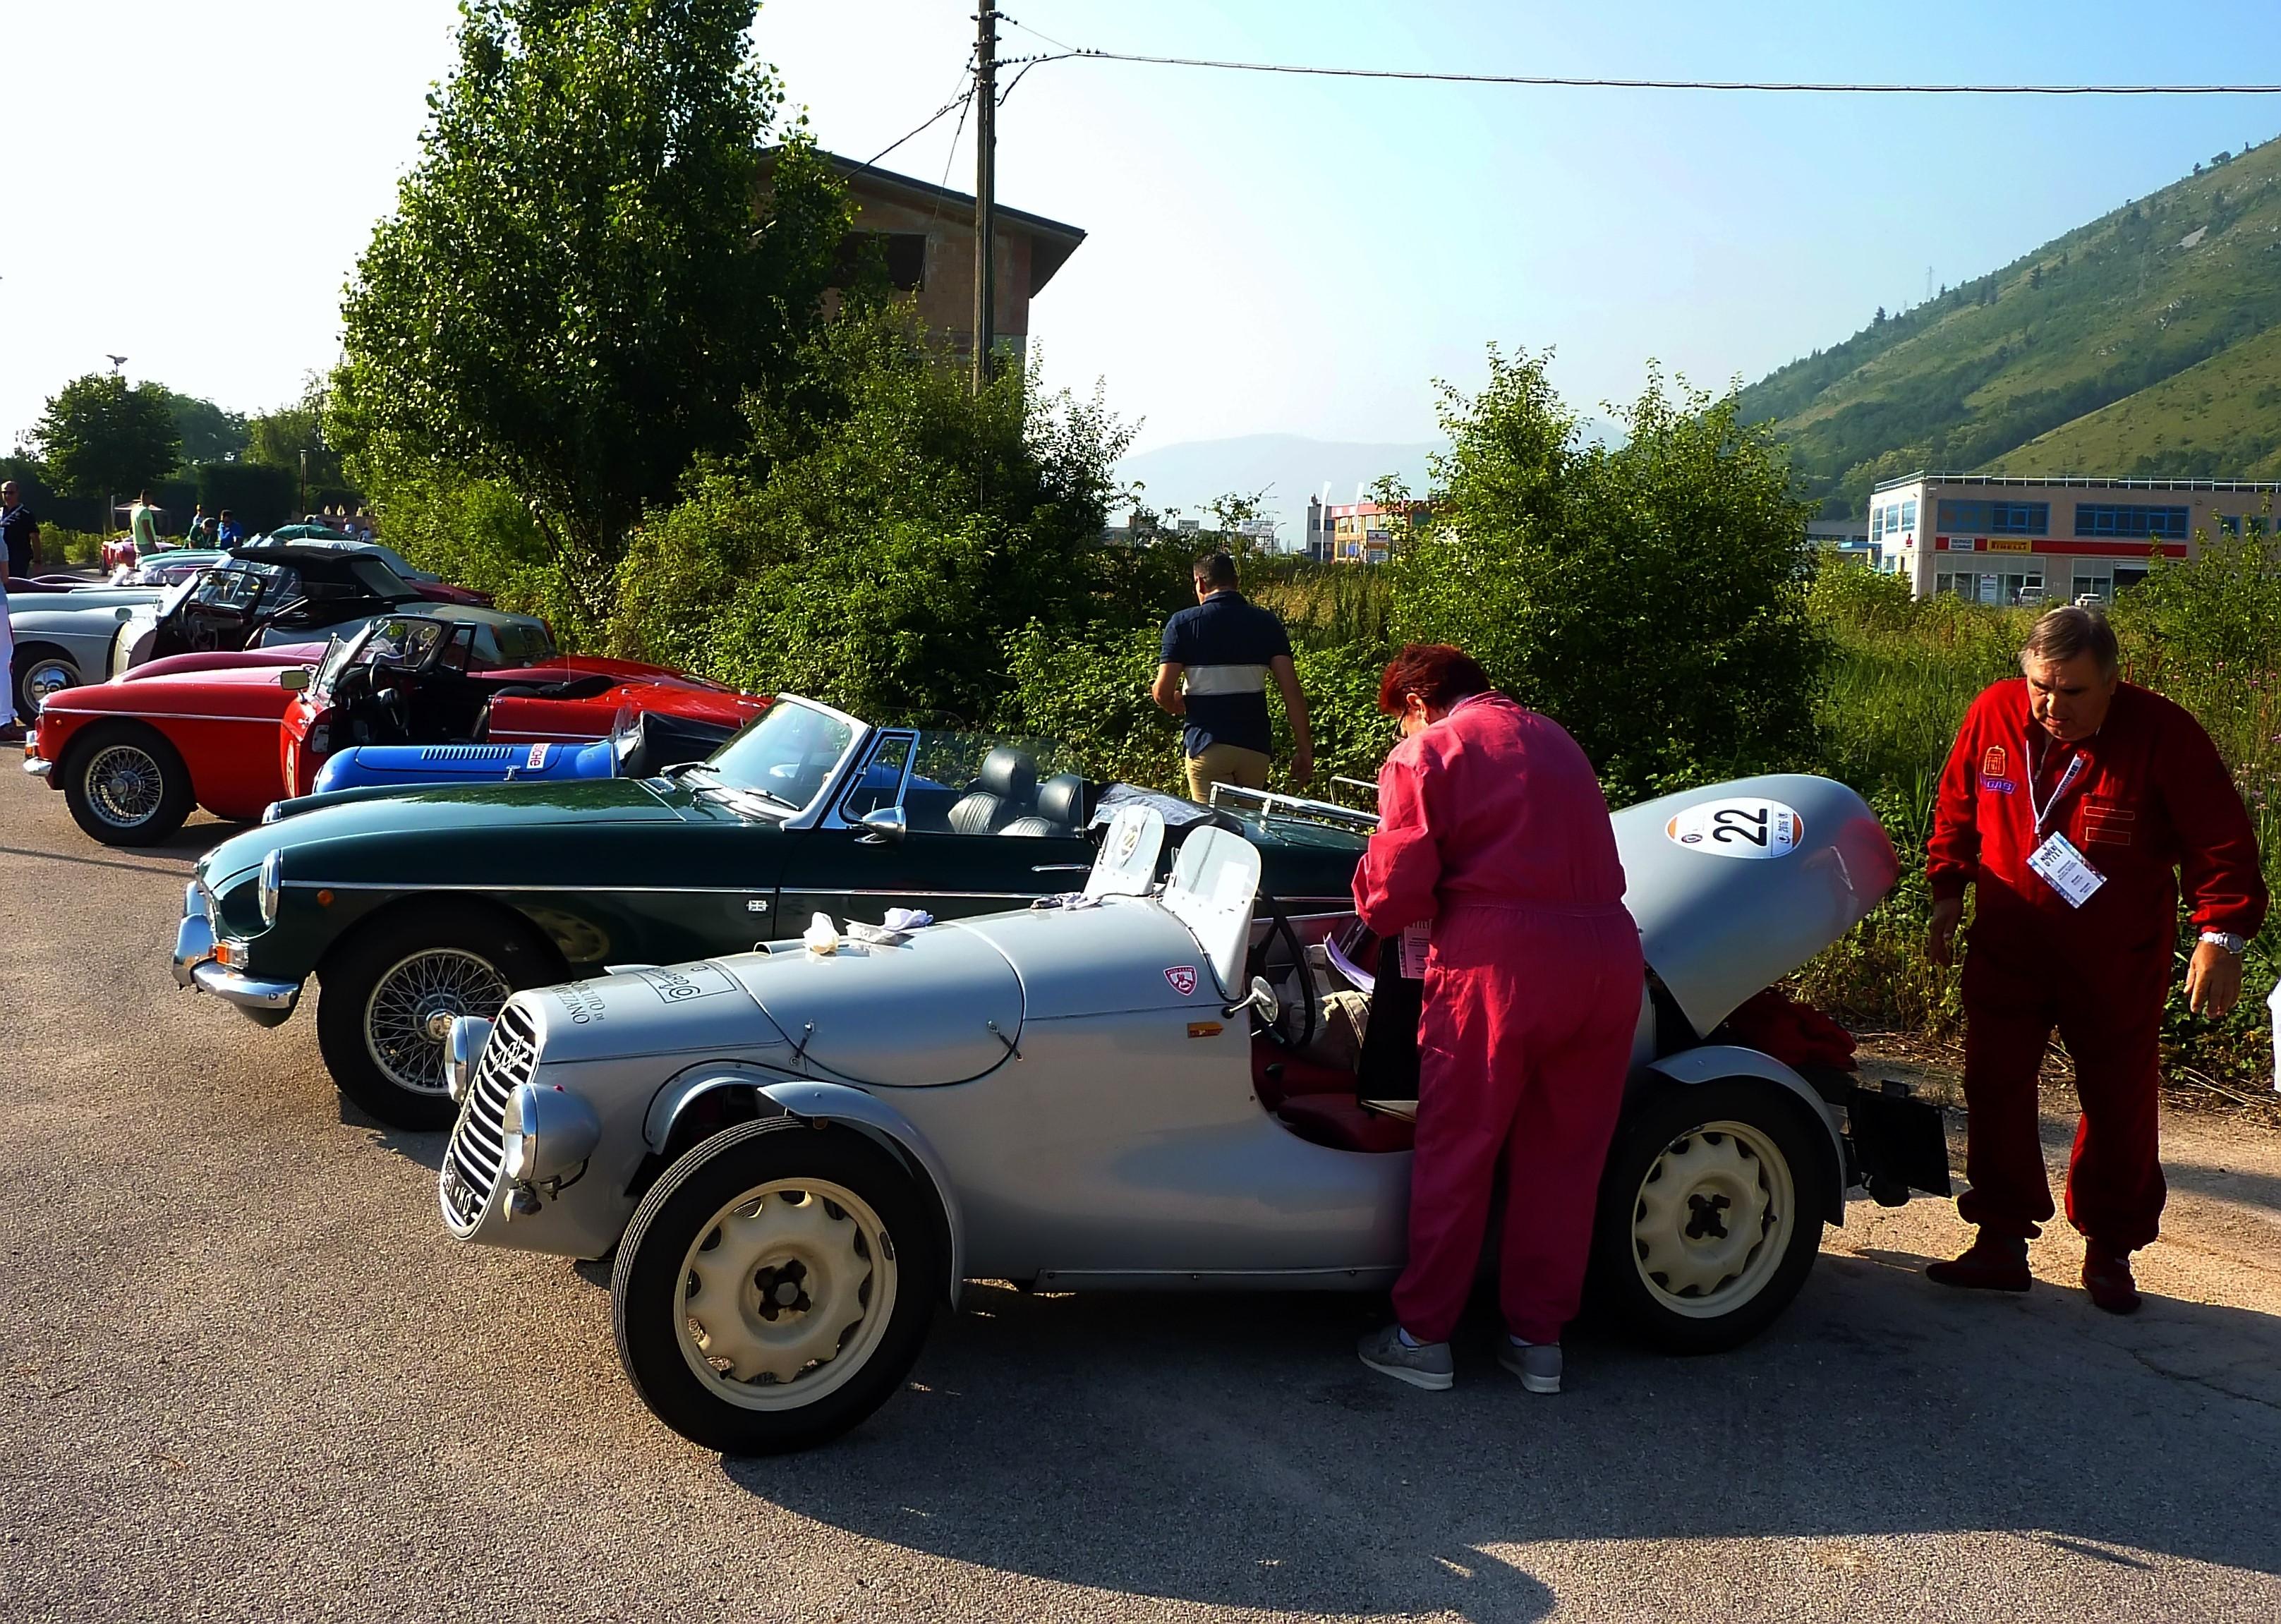 4th Circuito Di Avezzano (73)